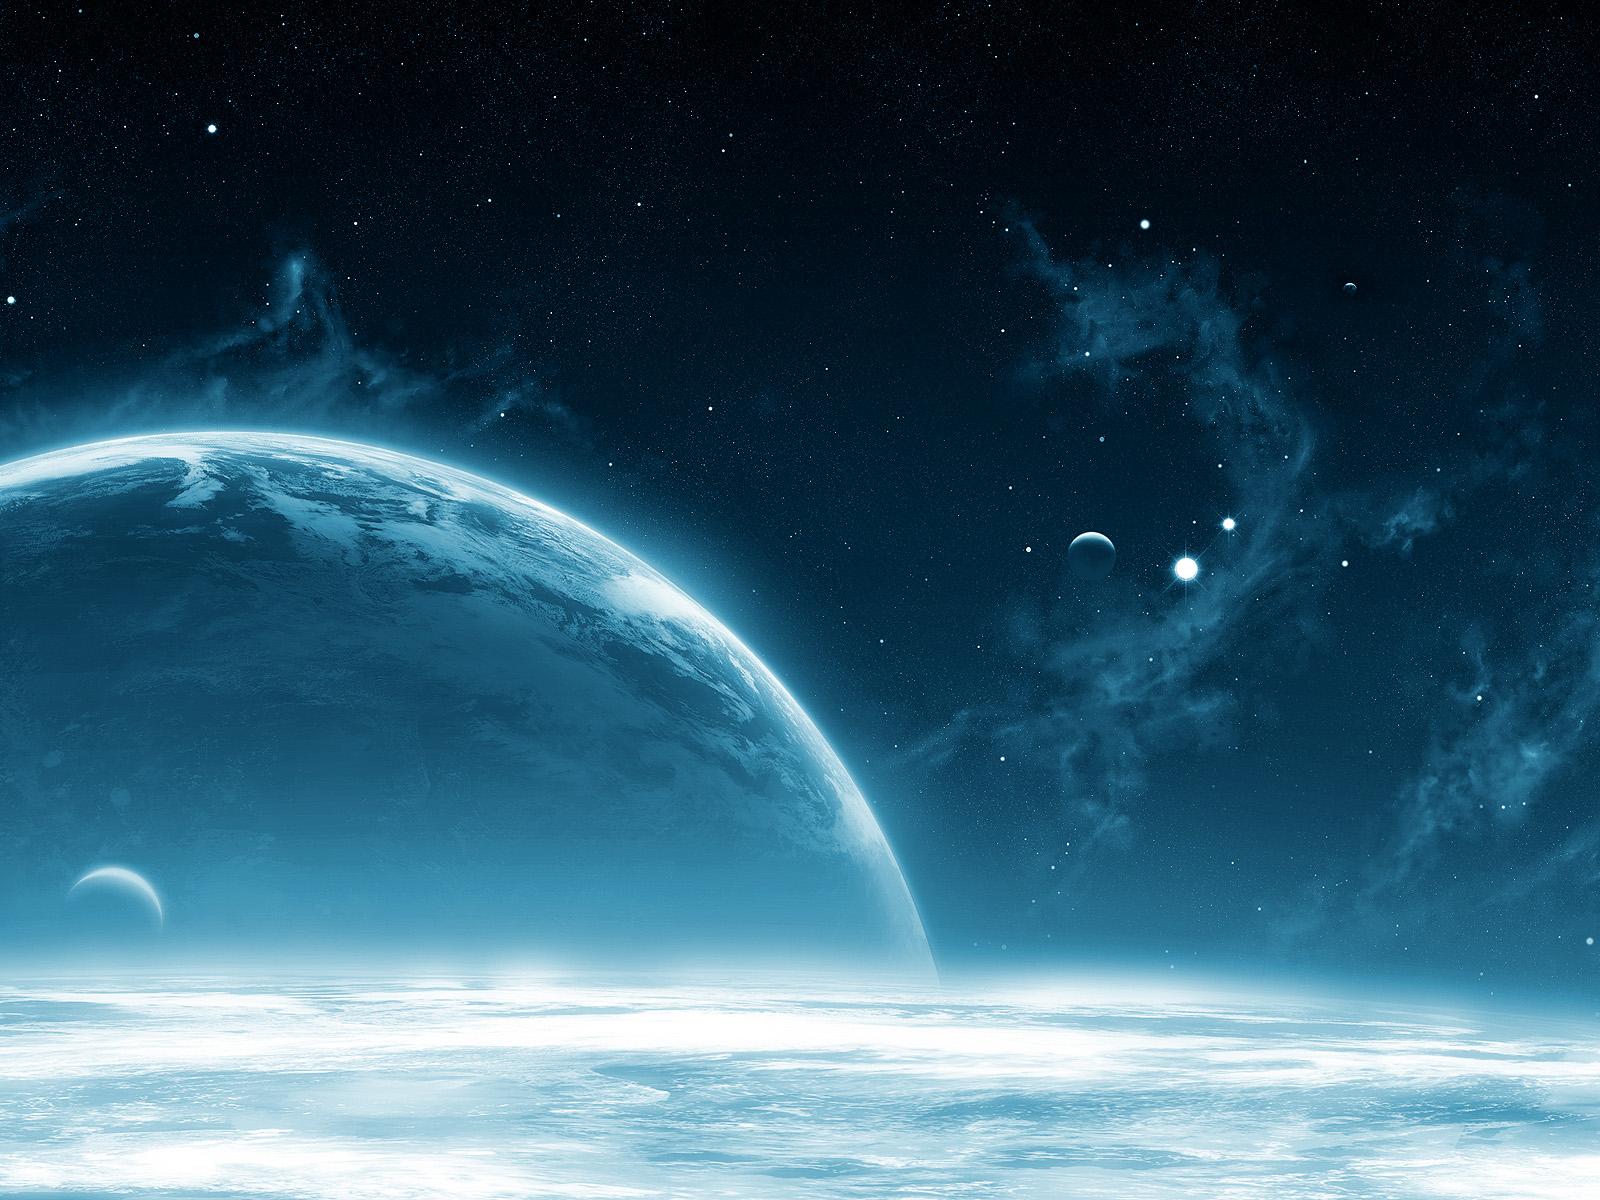 Papel De Parede Estrelas De Um Universo Sem Fim Wallpaper Para  -> Imagens Do Universo Para Papel De Parede